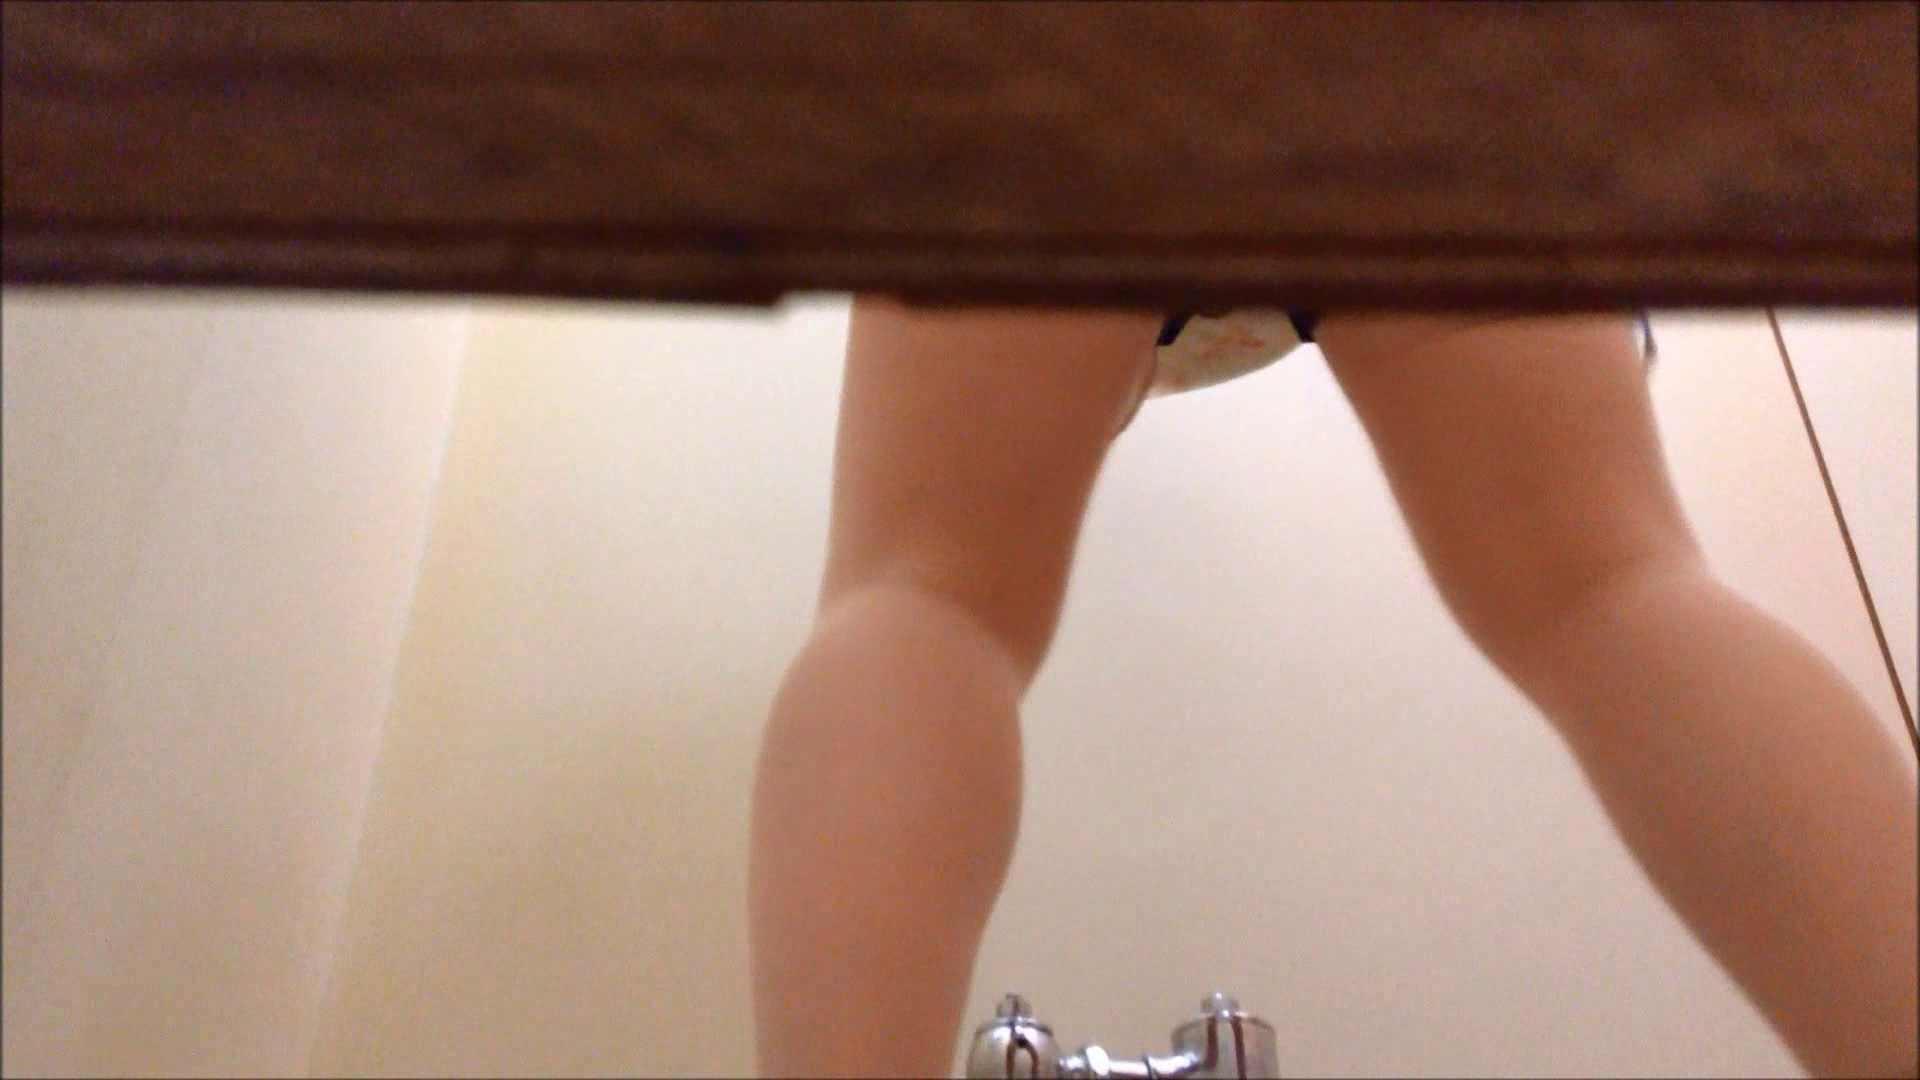 某有名大学女性洗面所 vol.14 排泄 性交動画流出 92画像 39